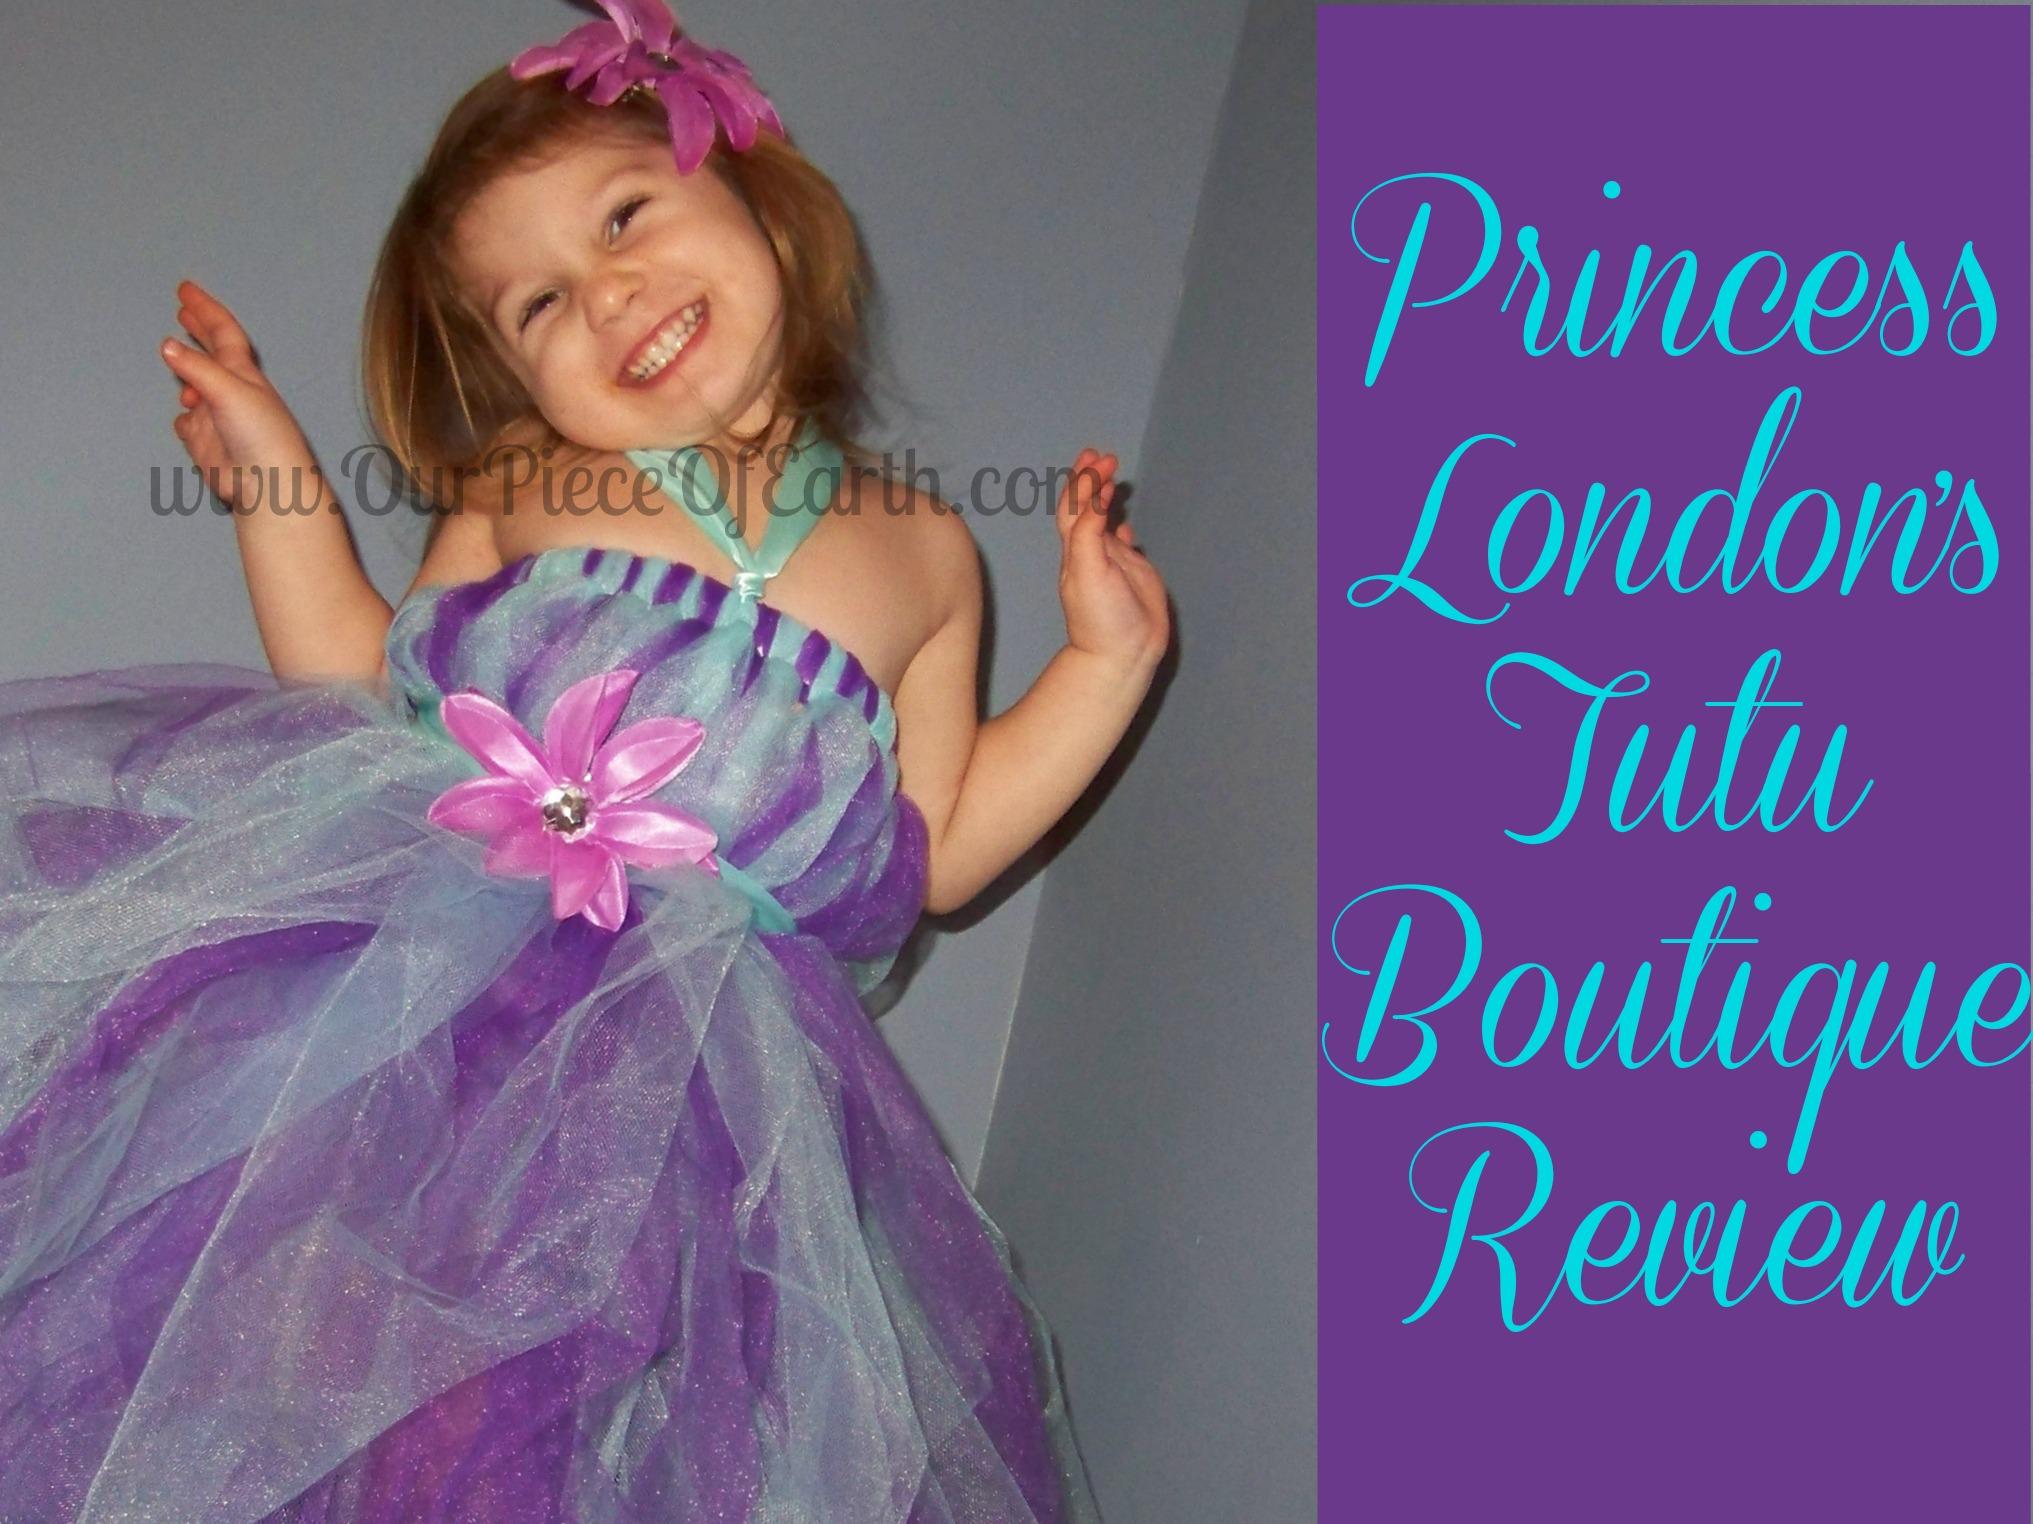 Princess London's Tutu Boutique